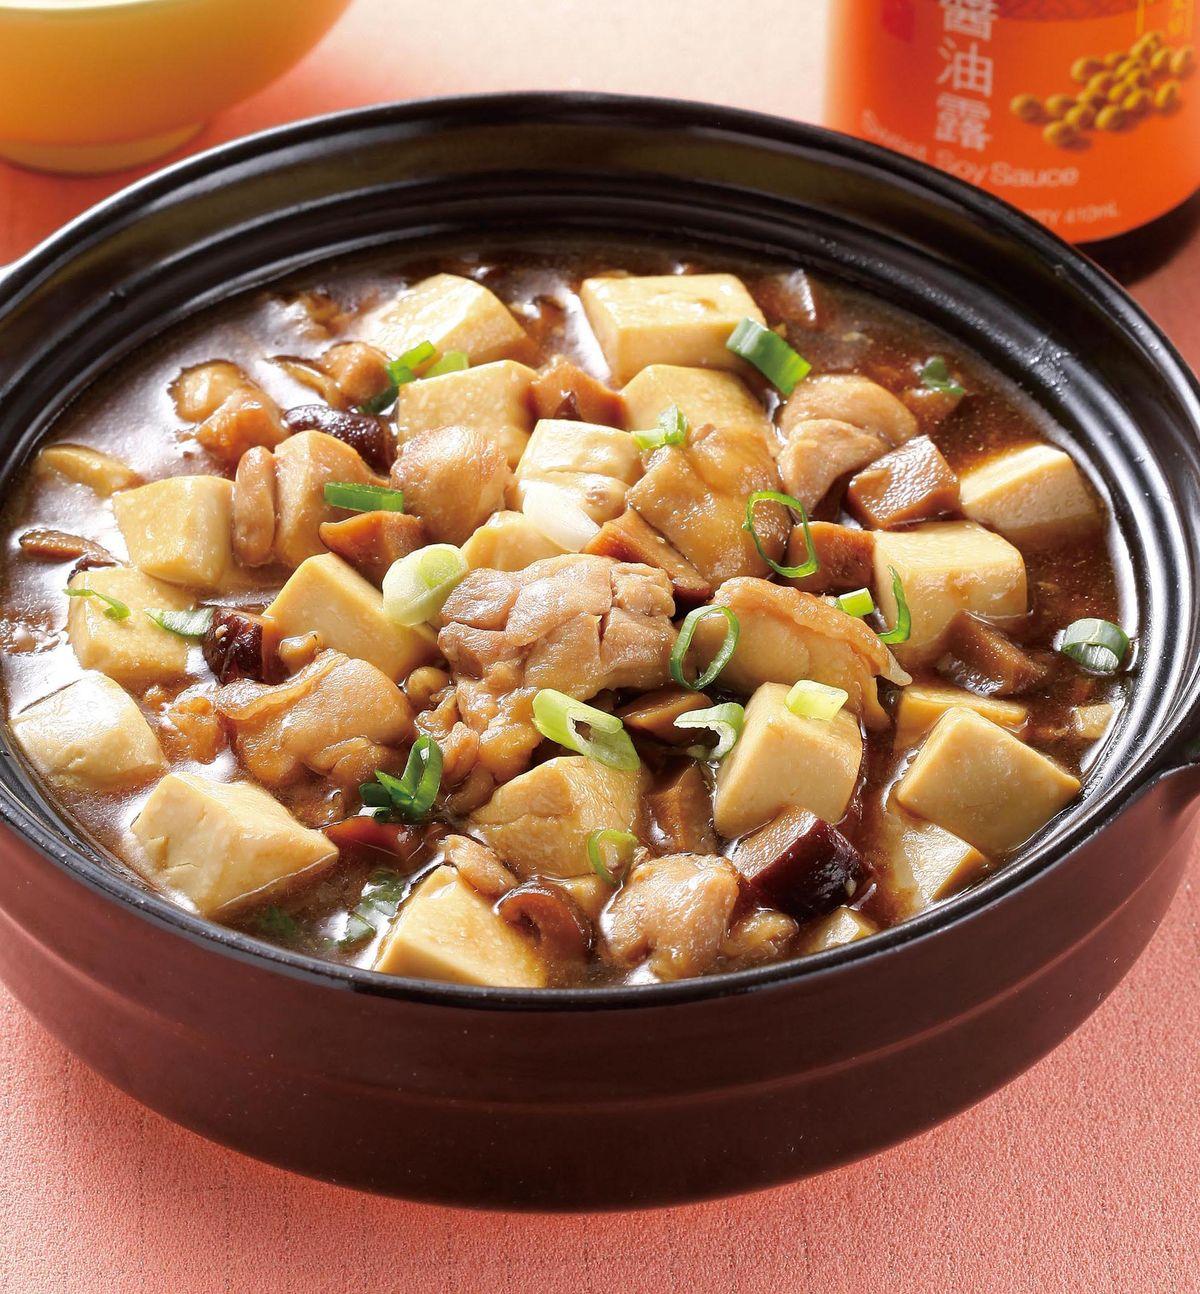 食譜:雞粒豆腐